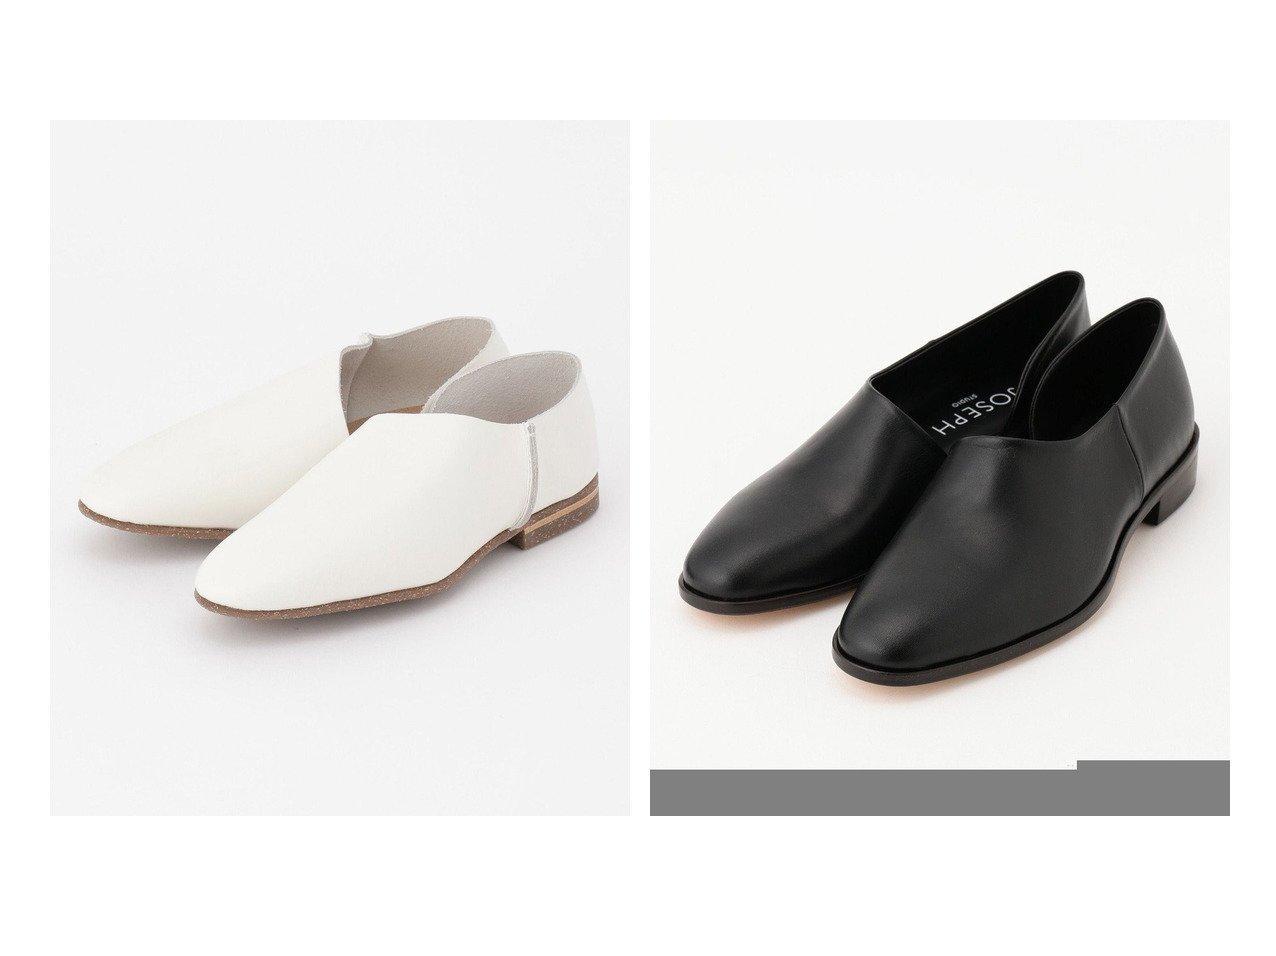 【BEIGE,/ベイジ,】のUー 2P SLIP-ON シューズ(Basic)&【JOSEPH/ジョゼフ】の【JOSEPH STUDIO】スムースレザー シューズ 【シューズ・靴】おすすめ!人気トレンド・レディースファッション通販 おすすめで人気の流行・トレンド、ファッションの通販商品 インテリア・家具・メンズファッション・キッズファッション・レディースファッション・服の通販 founy(ファニー) https://founy.com/ ファッション Fashion レディースファッション WOMEN オケージョン カッティング シューズ ストッキング スリッポン 人気 メンズ S/S・春夏 SS・Spring/Summer 送料無料 Free Shipping 夏 Summer クール シンプル フィット ポインテッド  ID:crp329100000046895